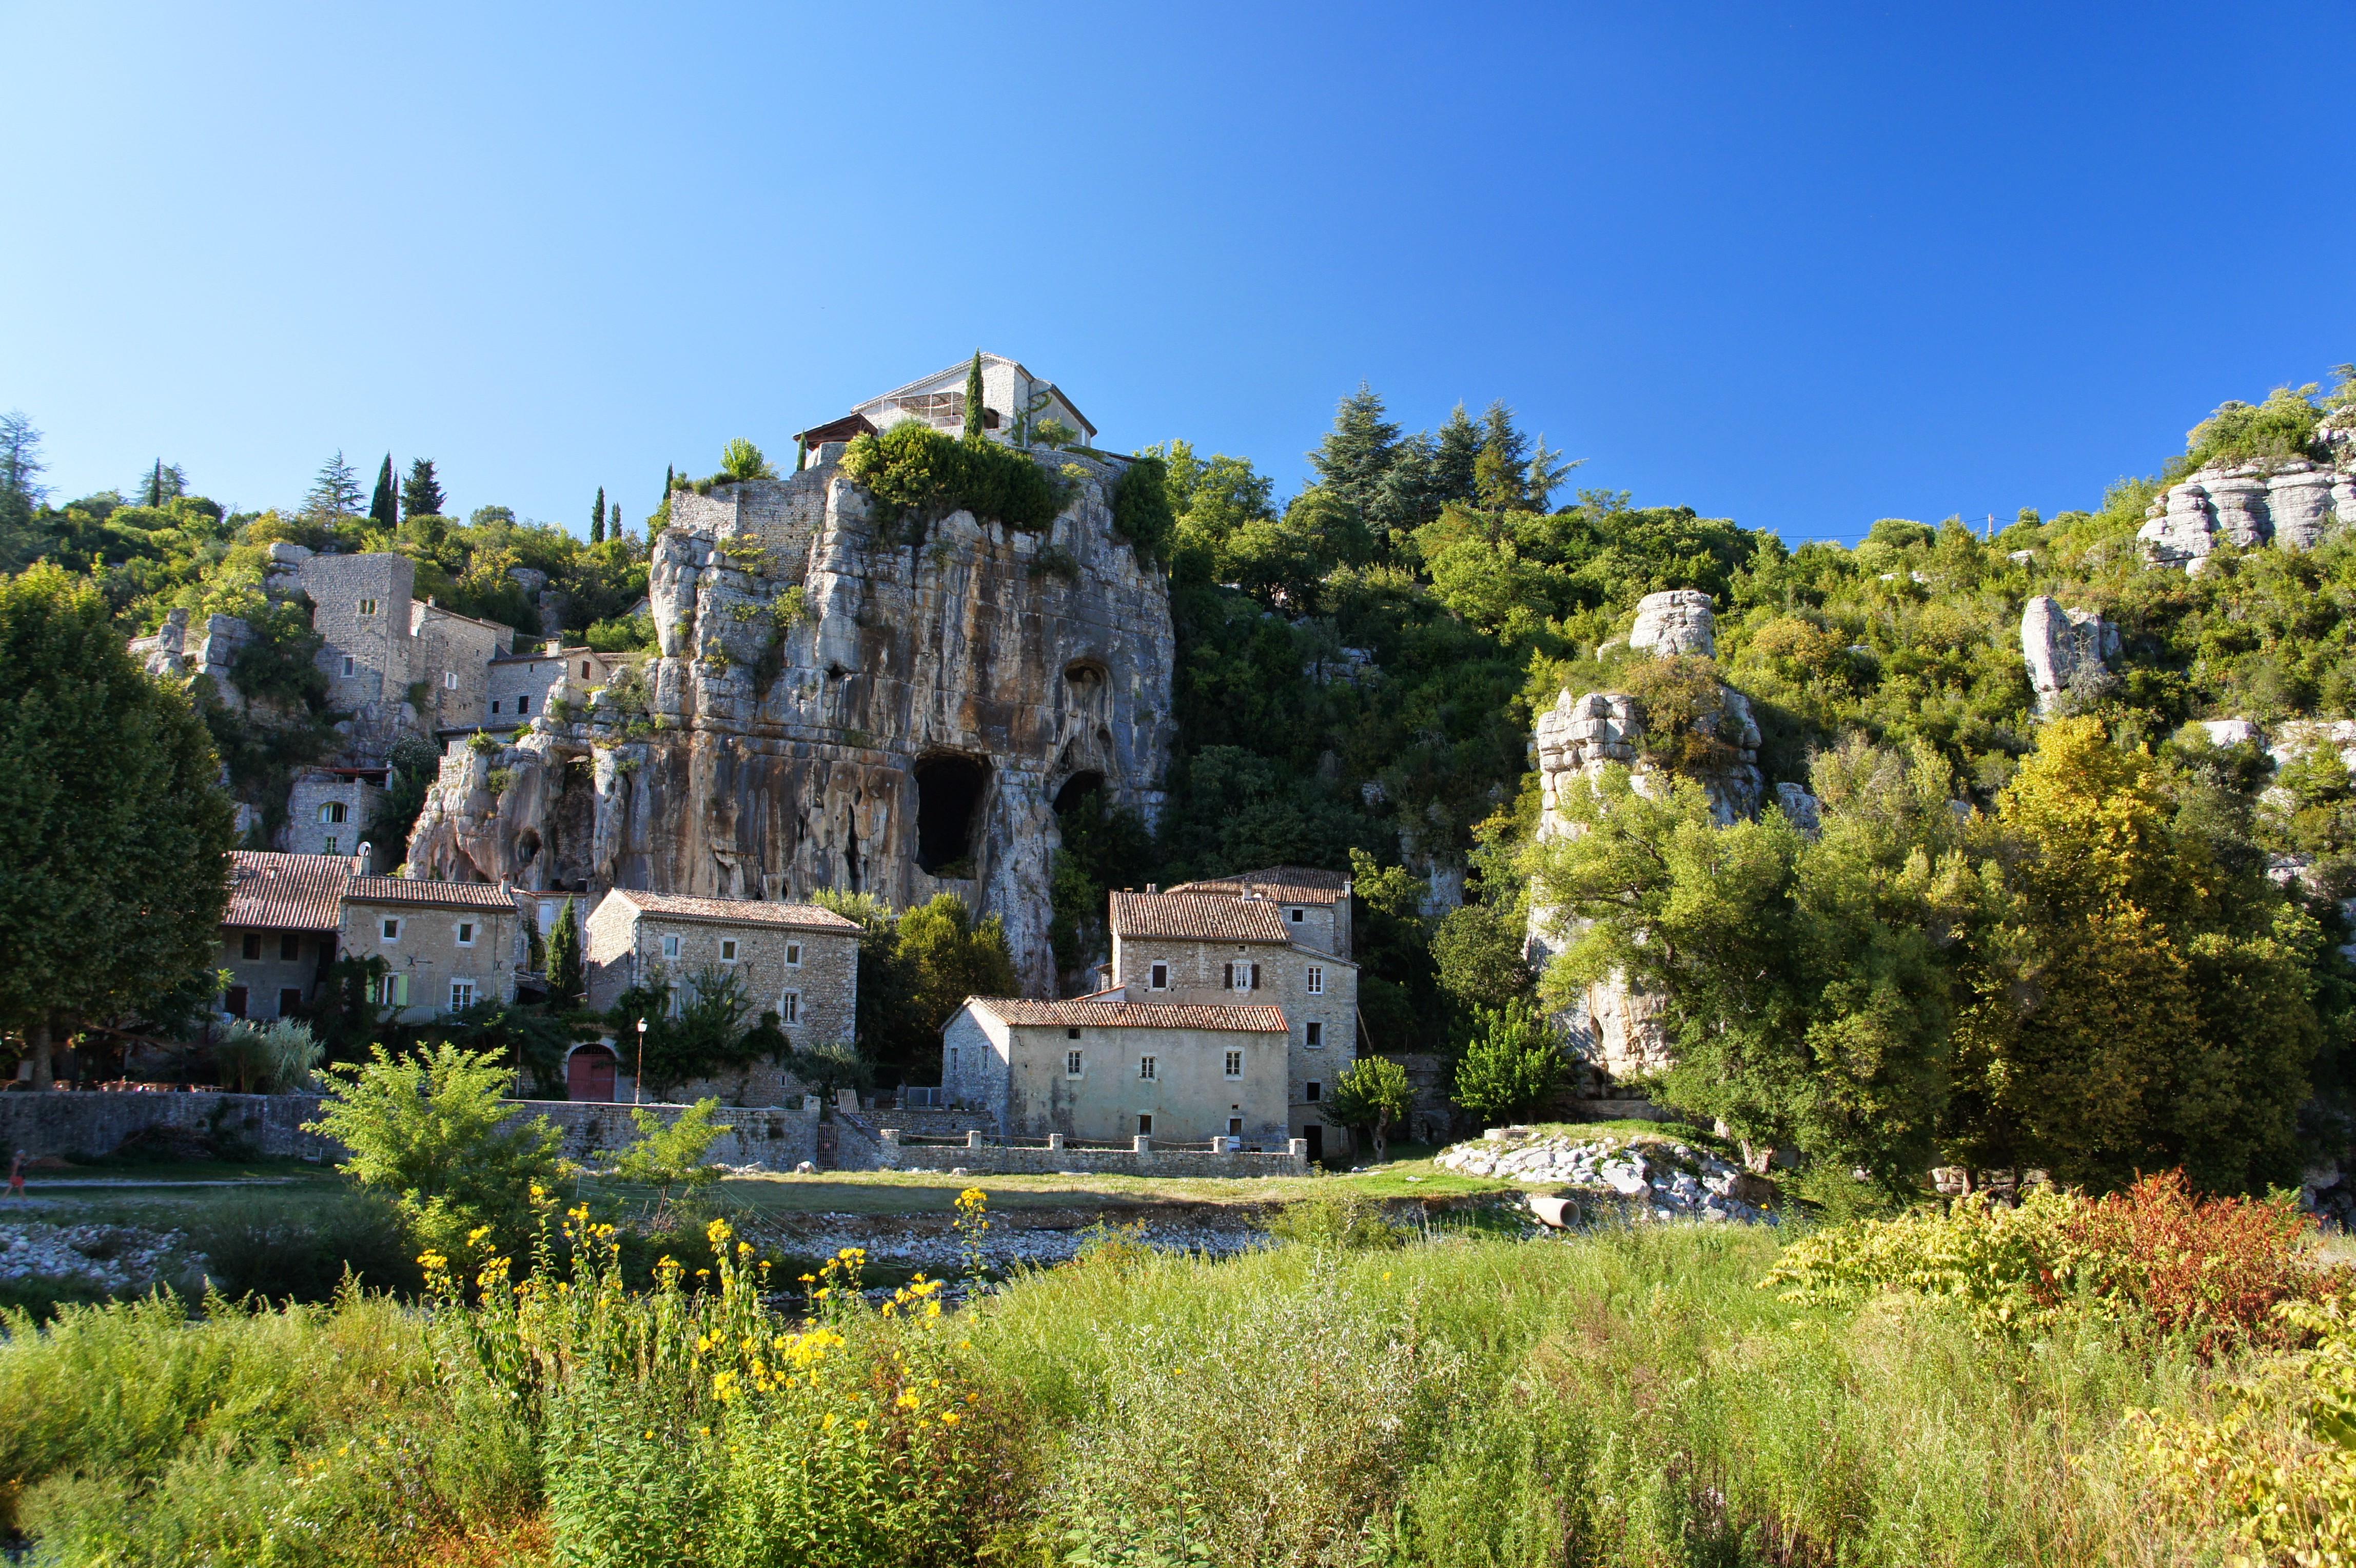 Le village de caractère de Labeaume (Ardèche), septembre 2013 (crédit photo : Marc Sivignon)